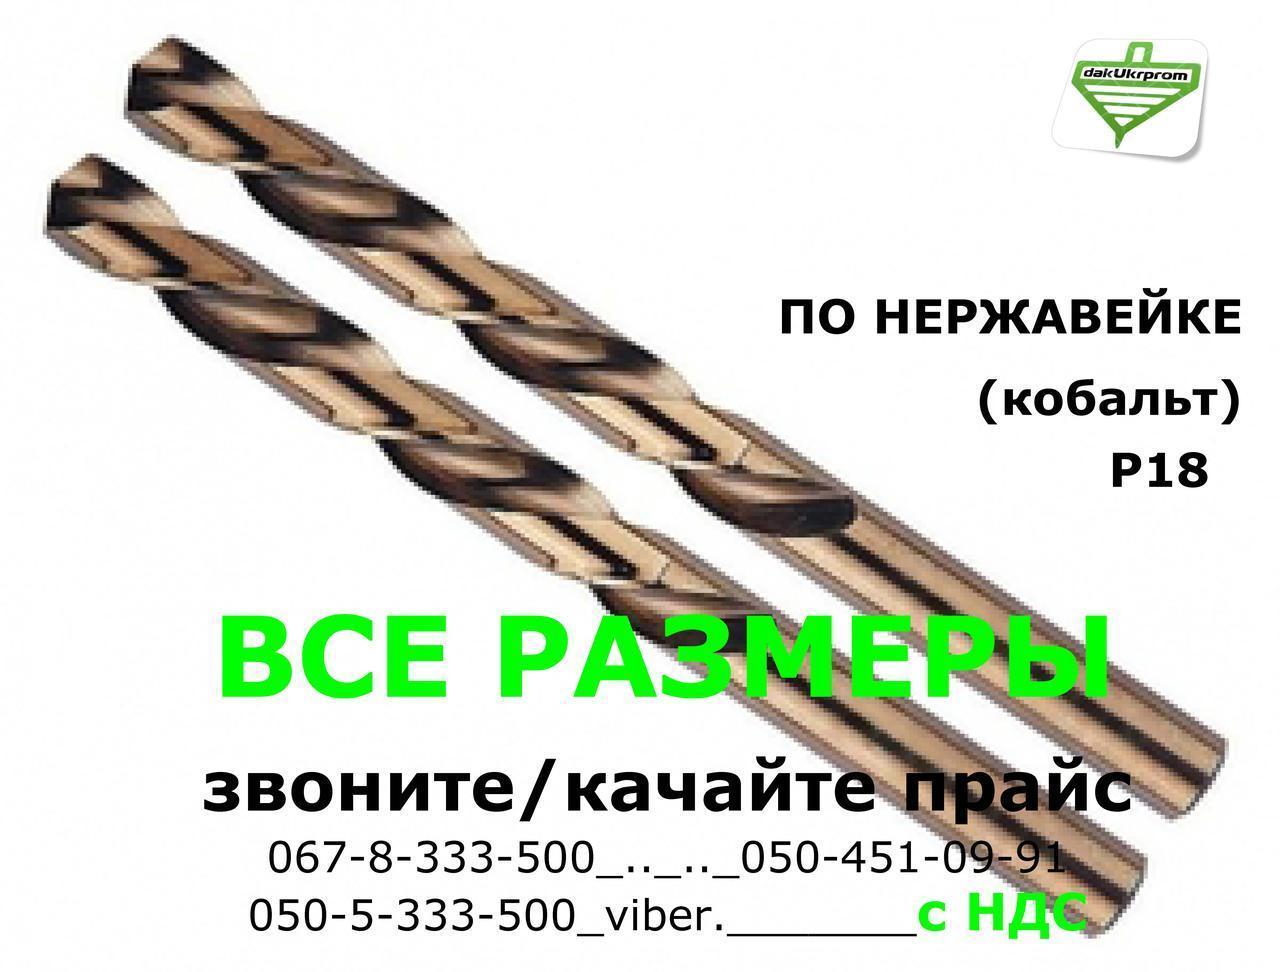 Сверло по нержавейке Р18 - 6,7 мм, (кобальт) промышленного назначения ГОСТ-10902 (DIN338 G-Co)